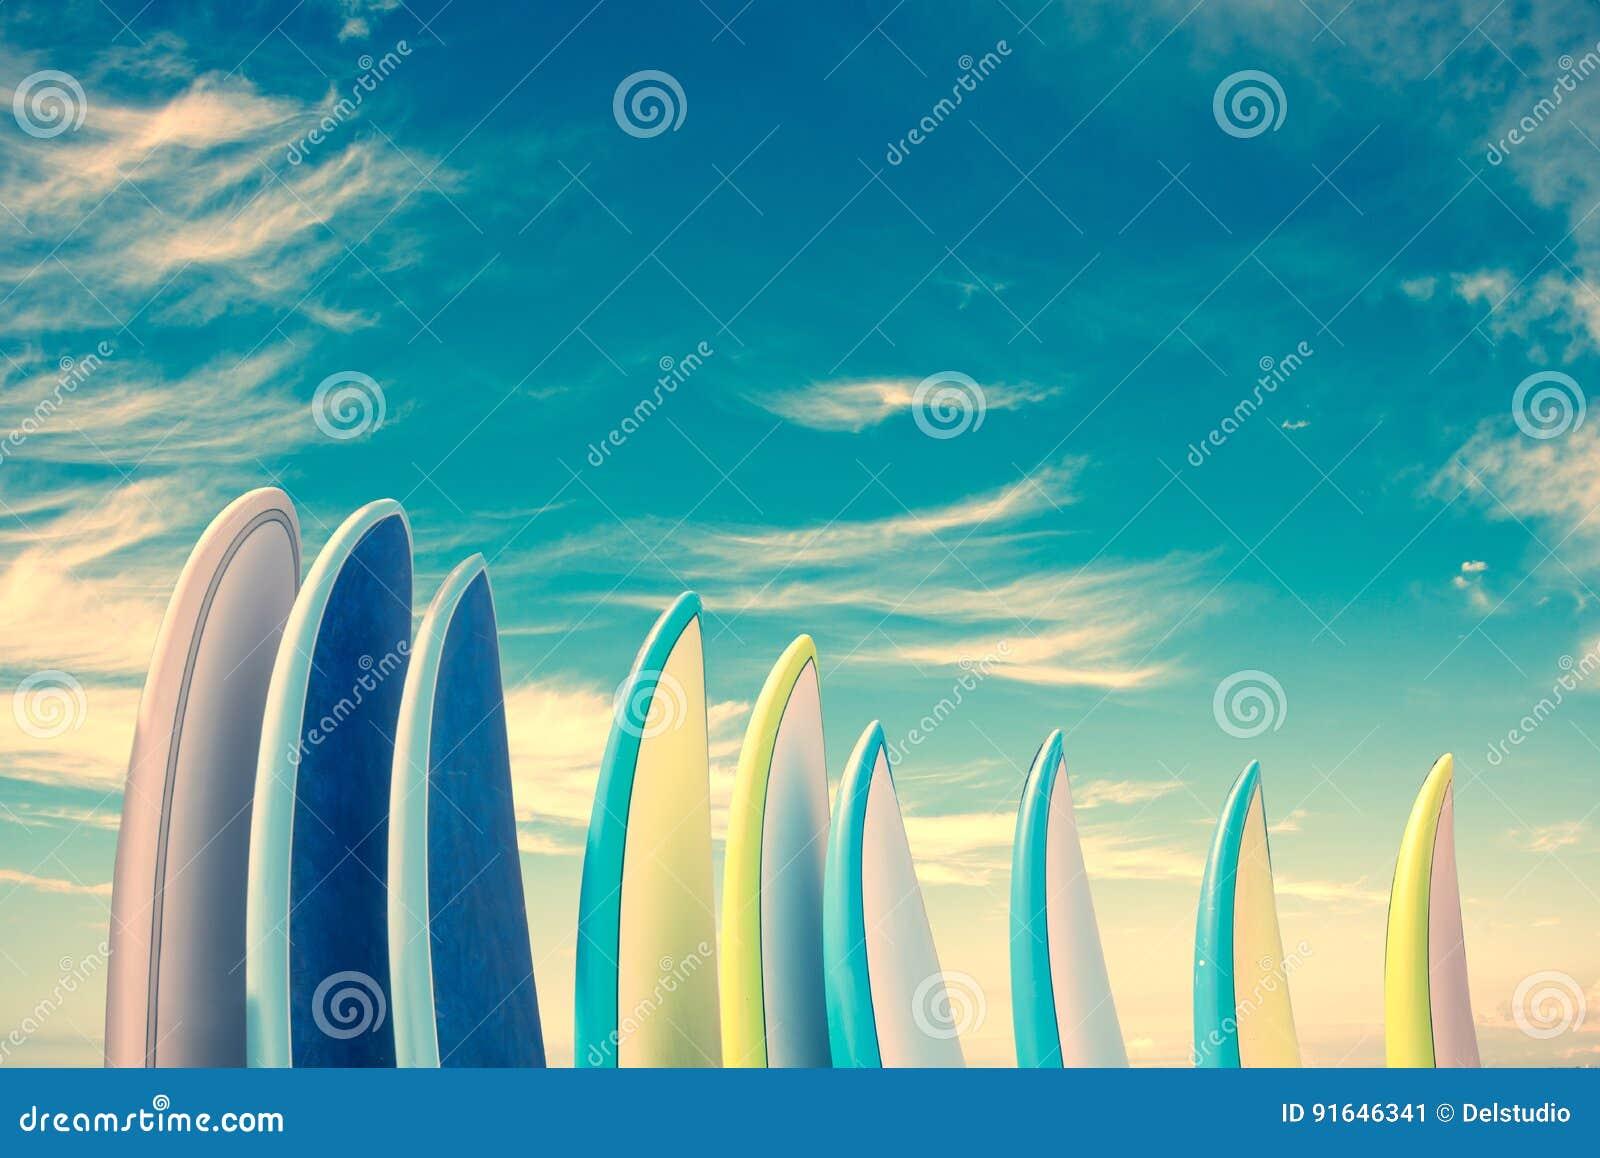 Stapel bunte Surfbretter auf Hintergrund des blauen Himmels mit Kopienraum, Retro- Weinlesefilter